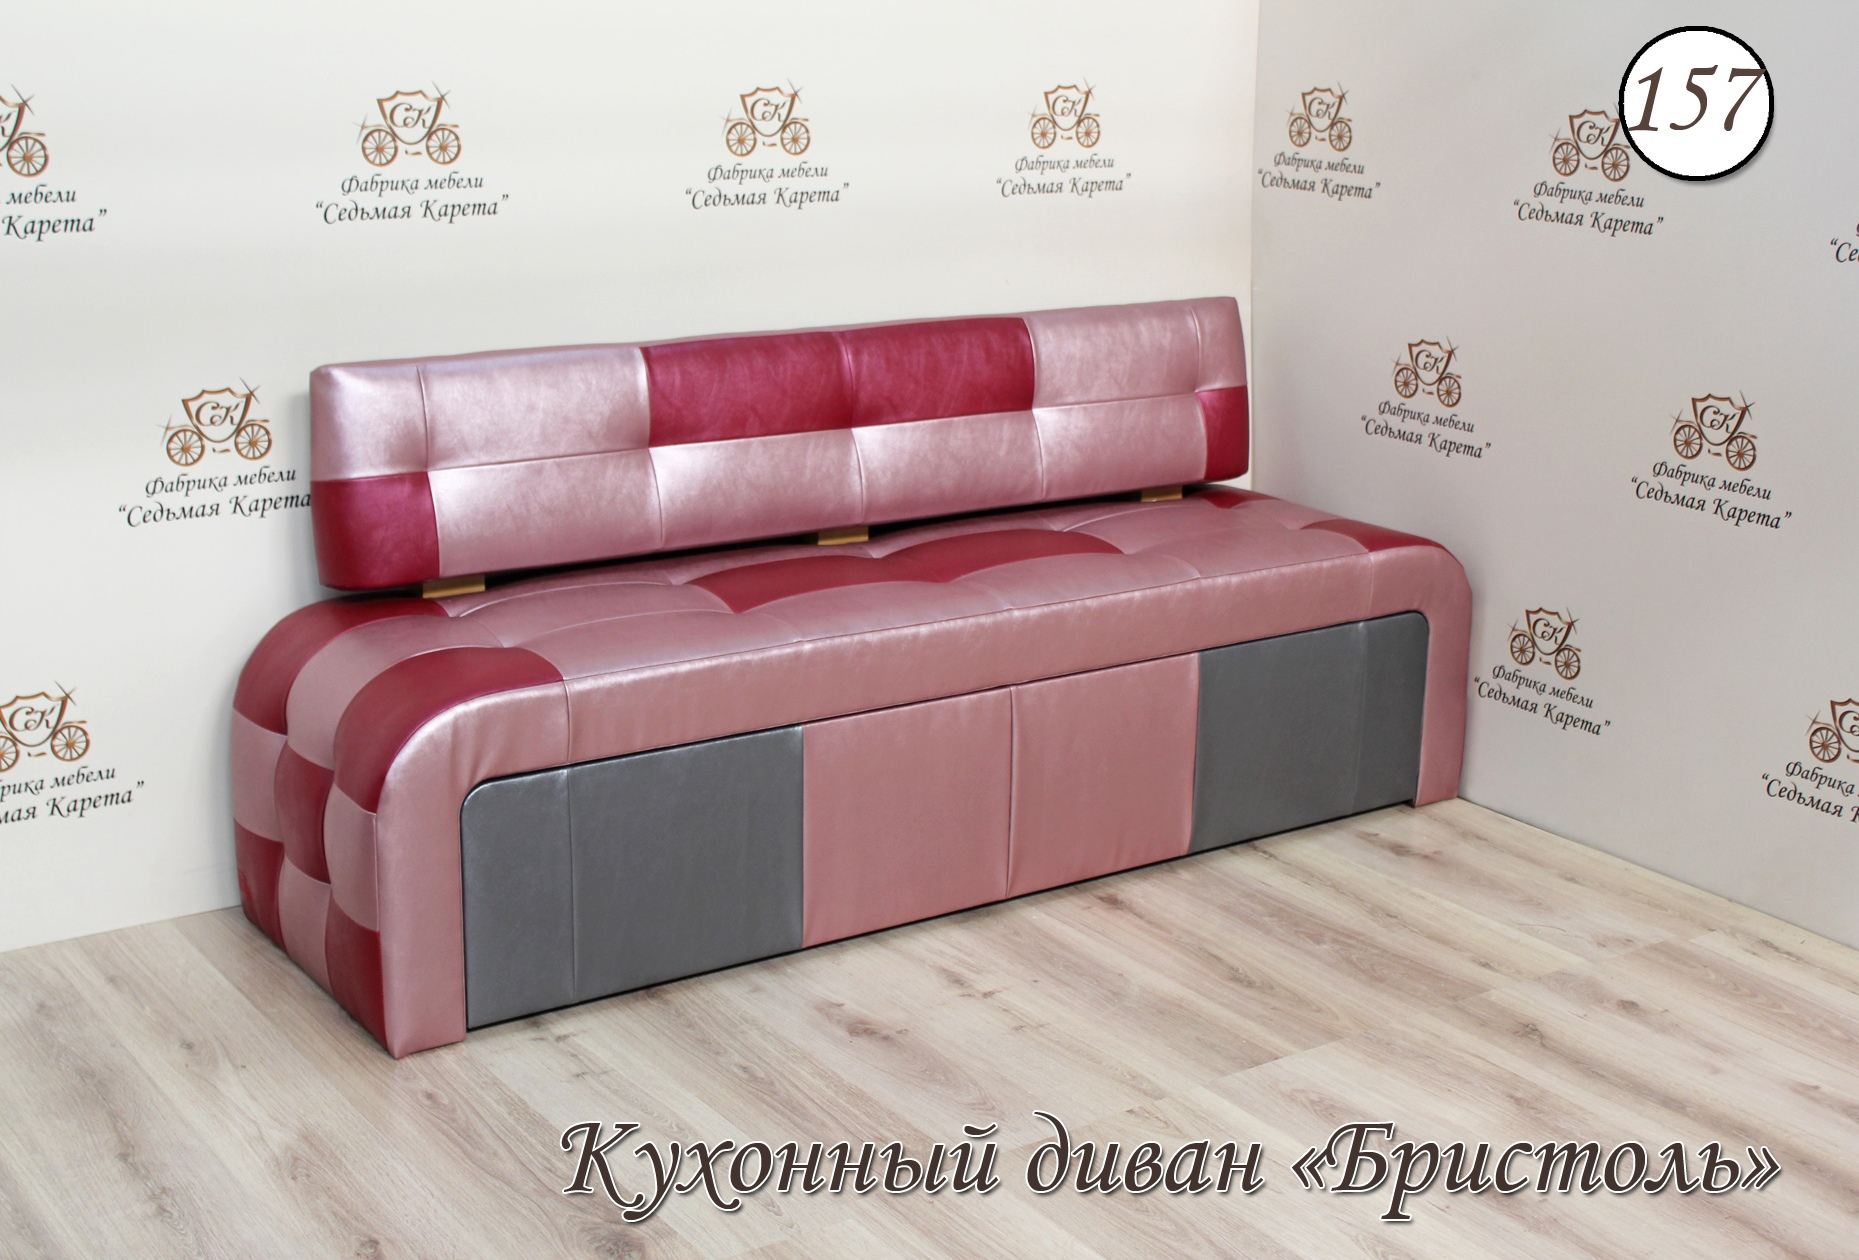 Кухонный диван Бристоль-157